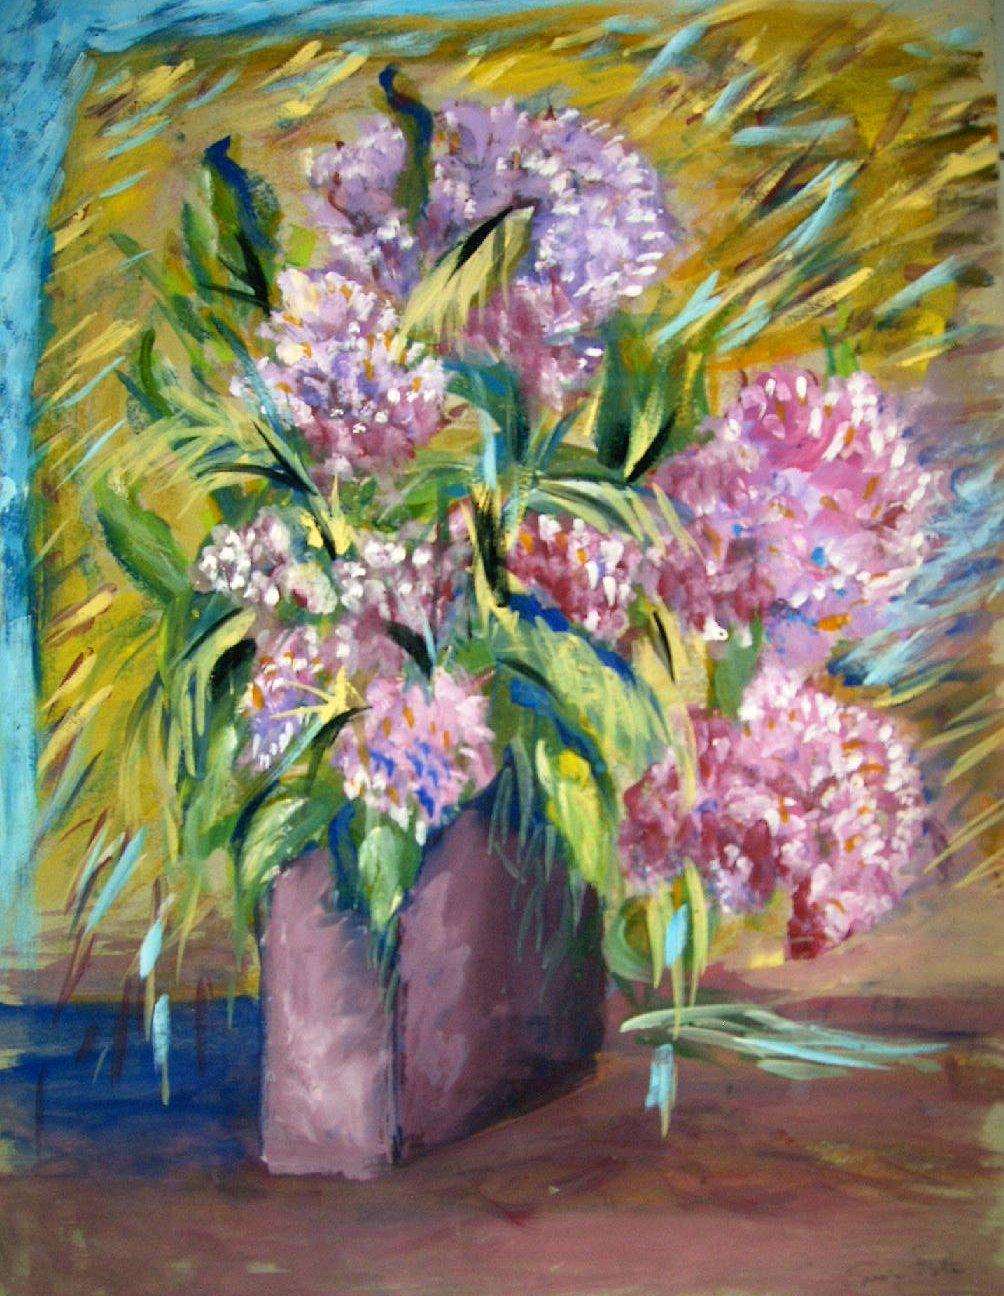 Vasi di fiori dipinti lisboantigua for Immagini di fiori dipinti